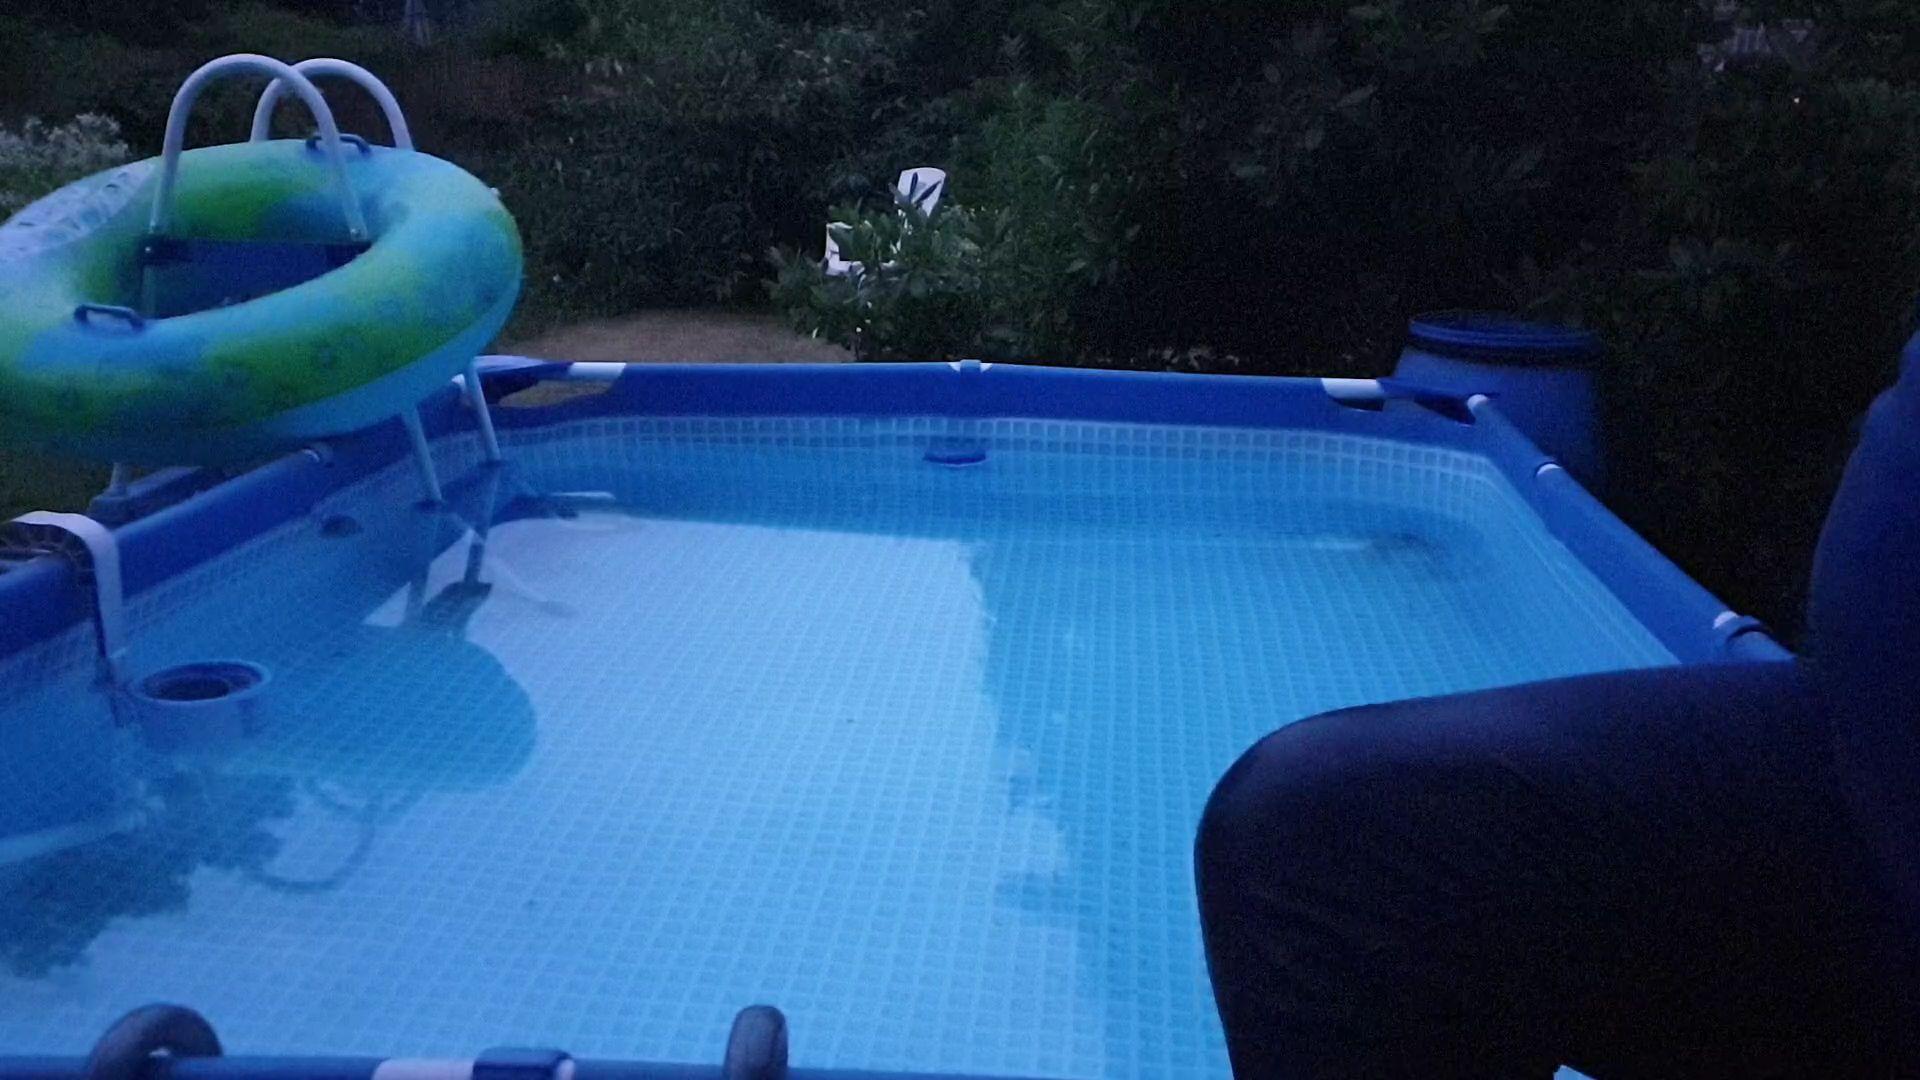 Mal im pool